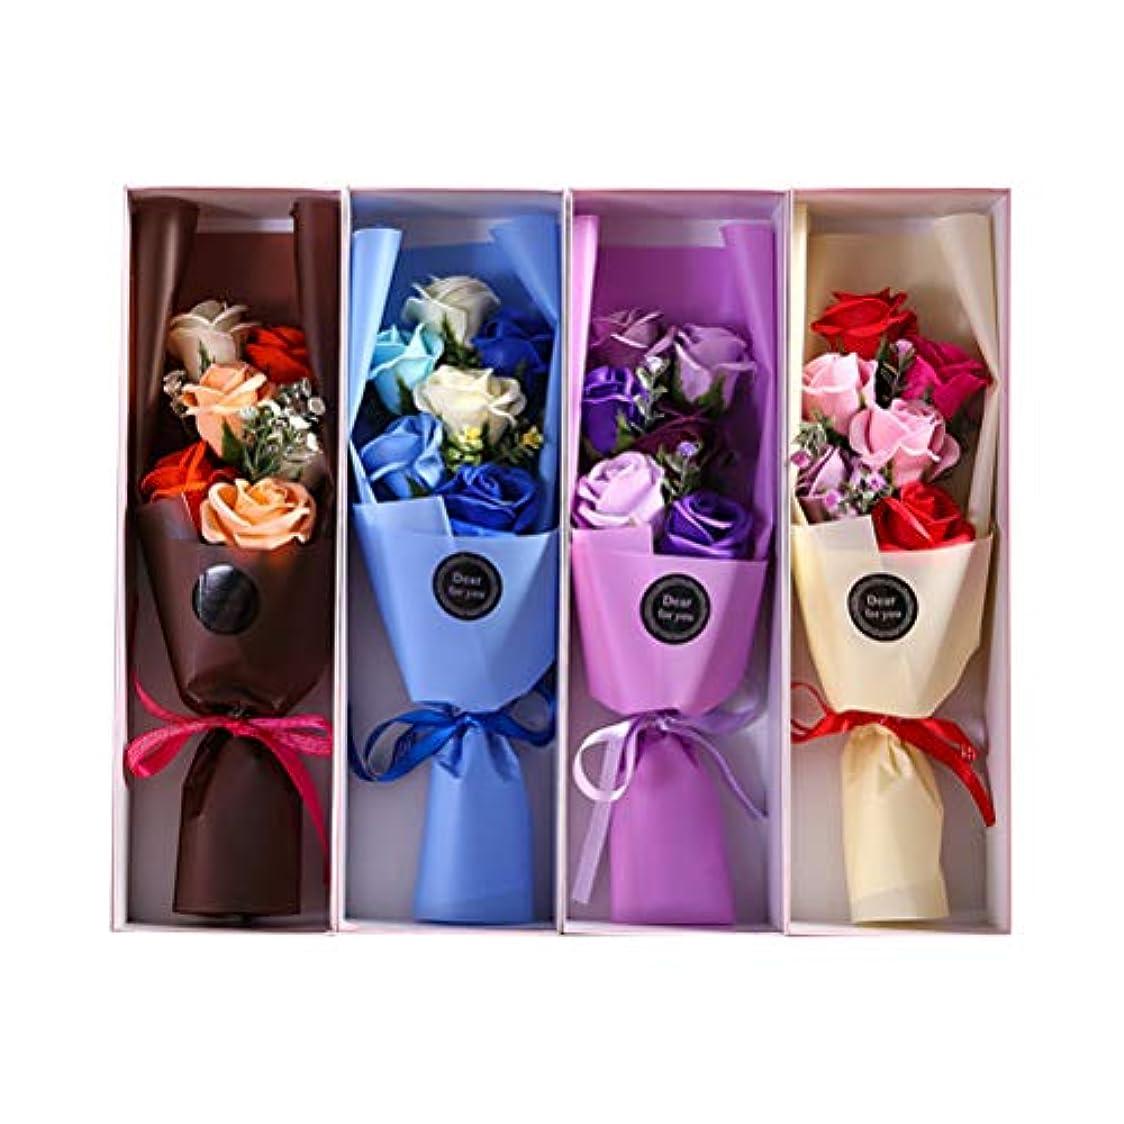 所有者伝統的前にBESTOYARD 6PCS石鹸の花びら人工石鹸の花のバラのギフトボックスカップルバレンタインデーのプレゼント(ランダムカラー)